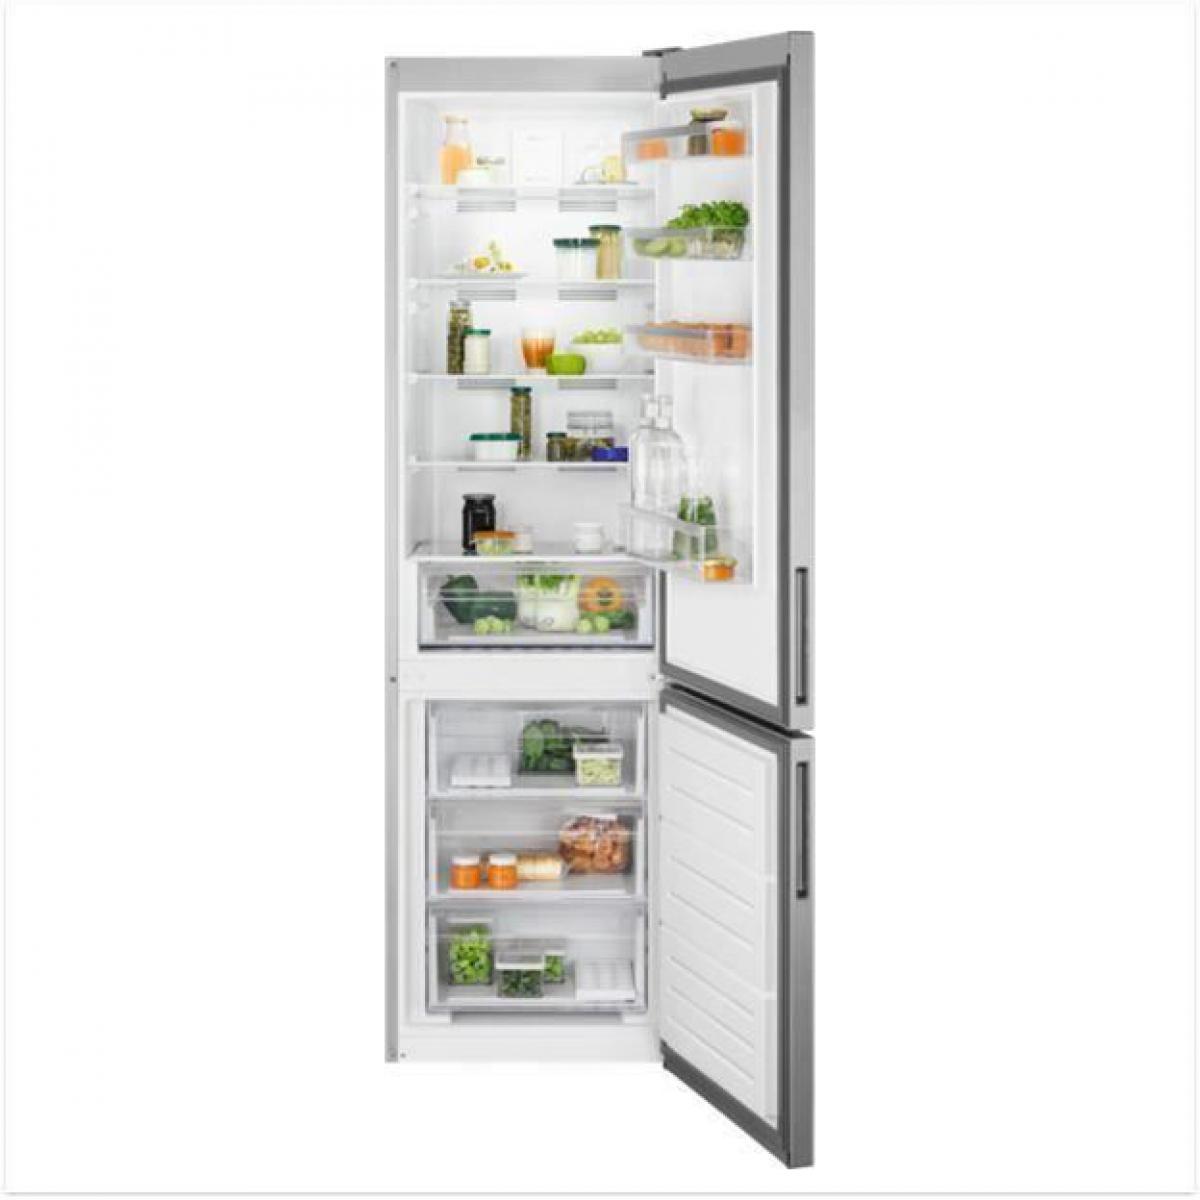 Electrolux Réfrigérateur combiné Froid Ventilé ELECTROLUX 59cm A+, ELE7332543729913